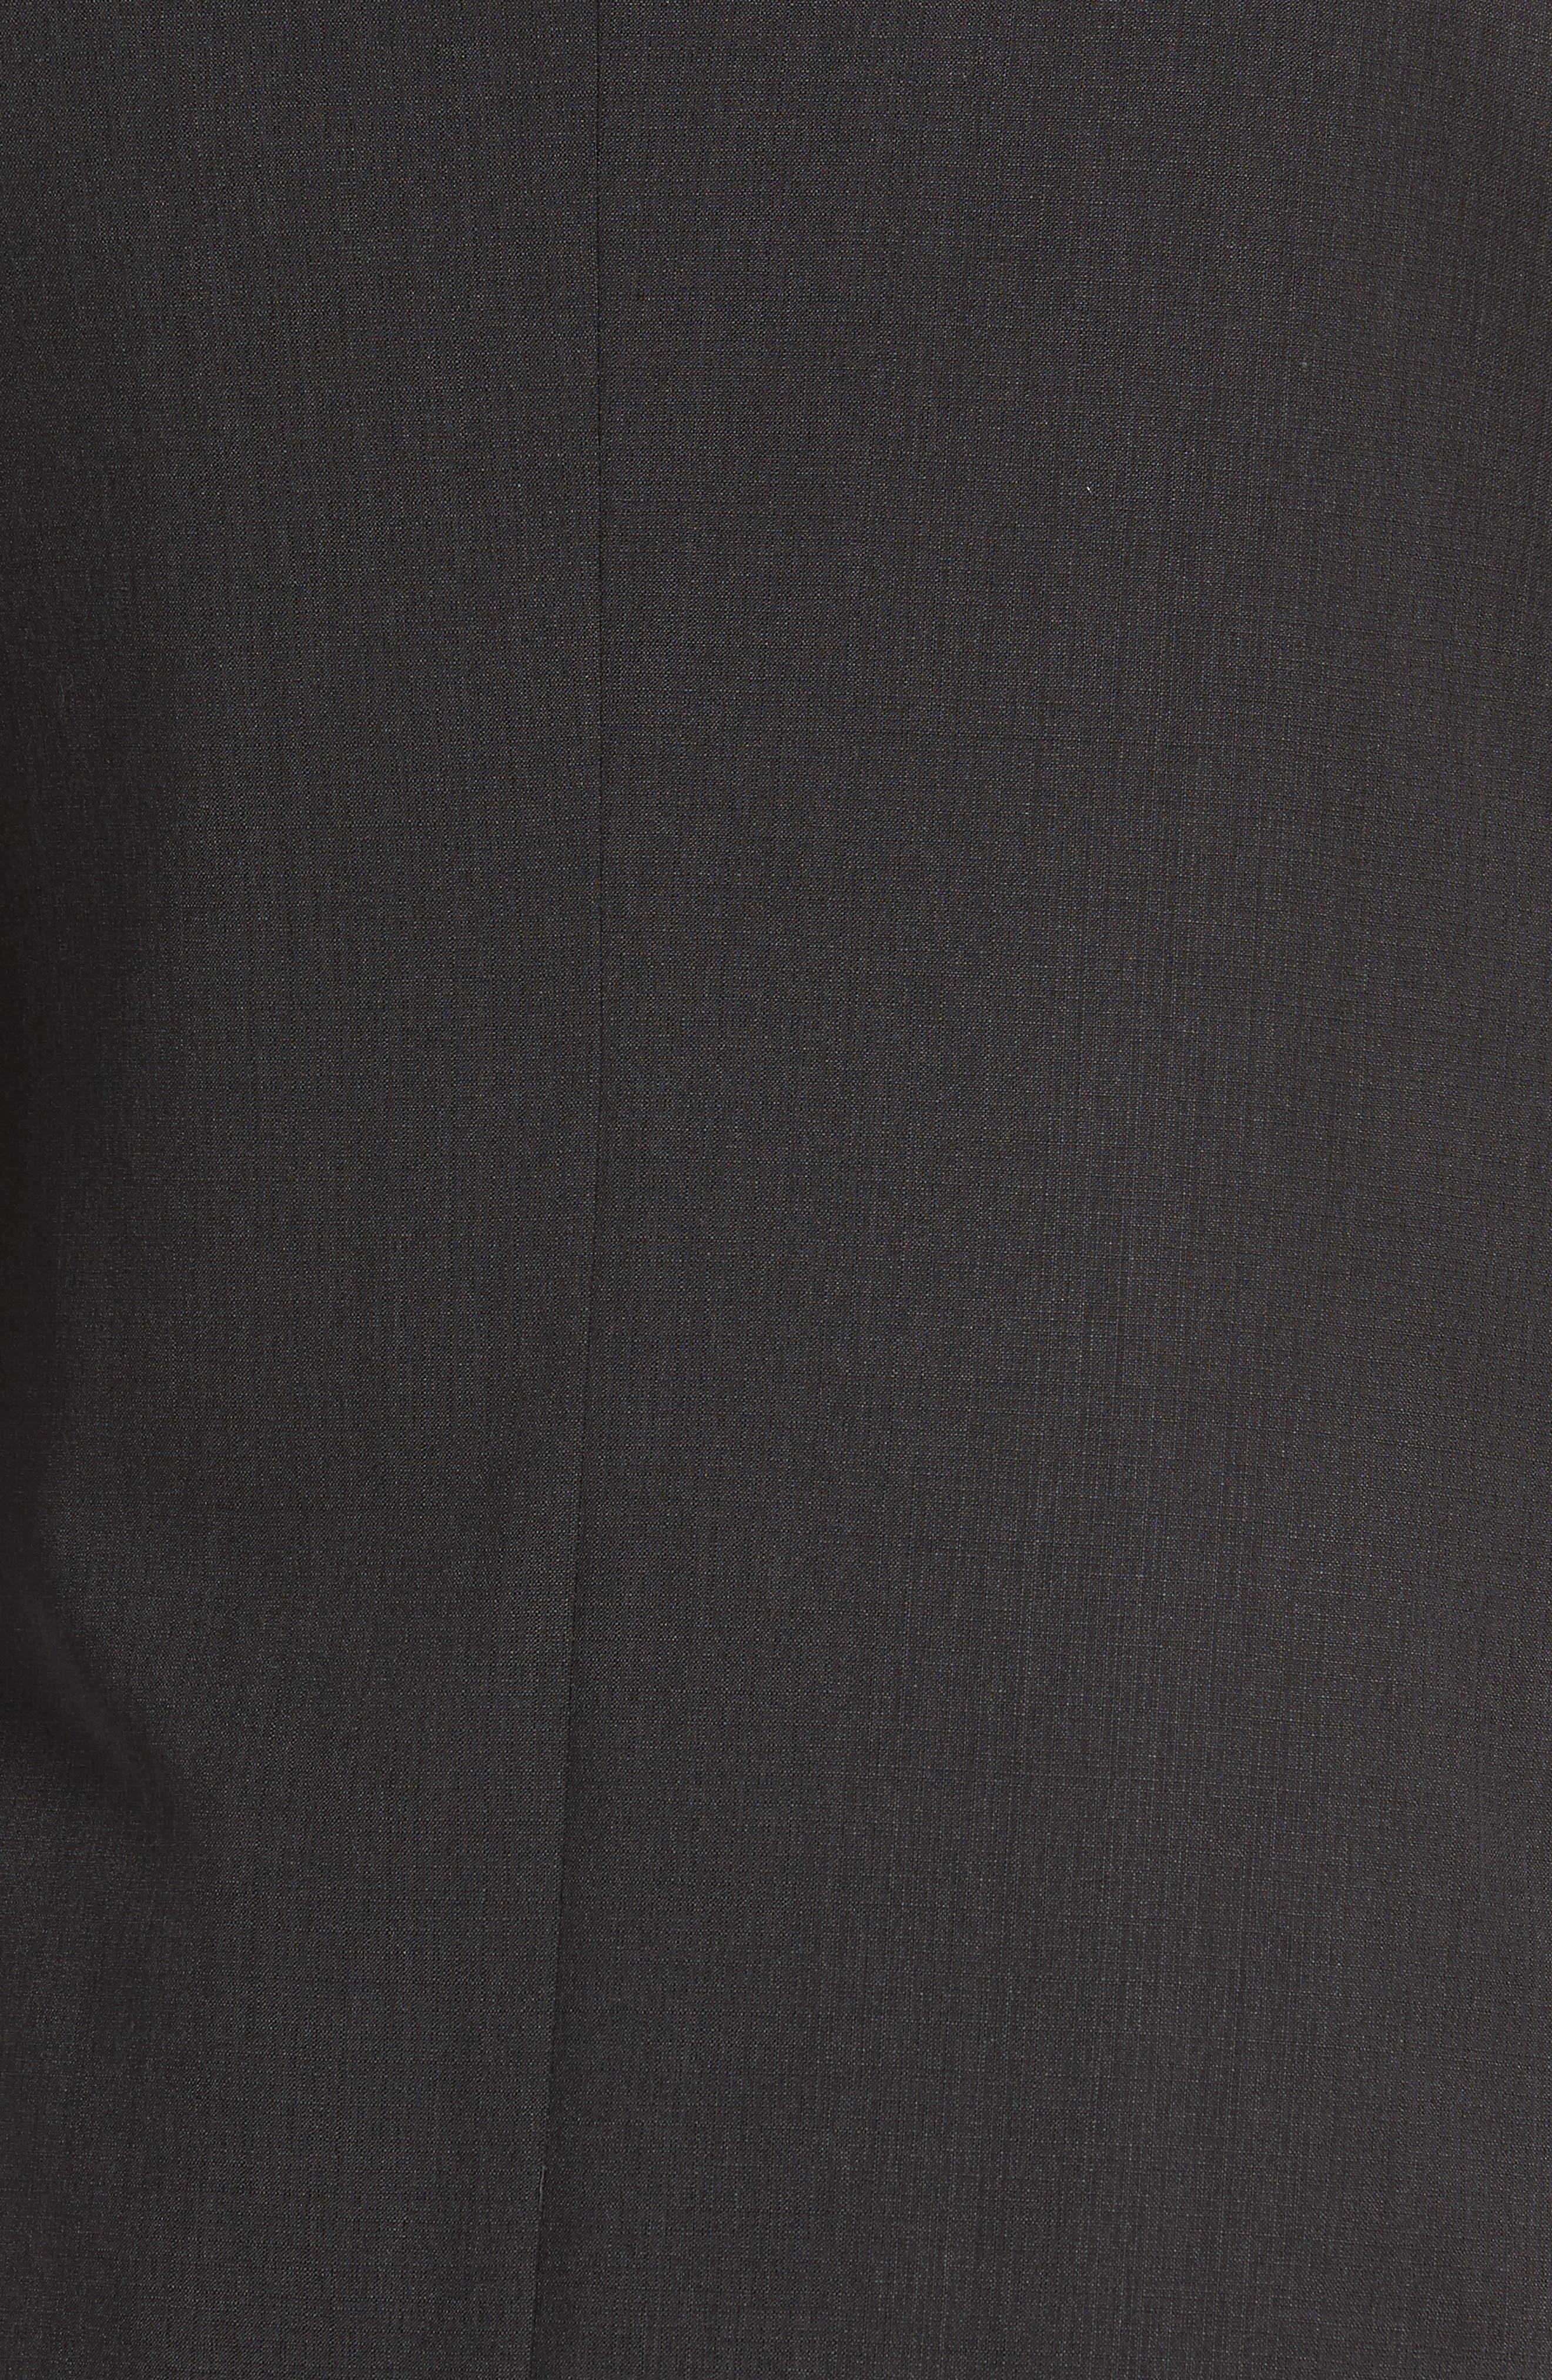 Classic Fit Check Suit,                             Alternate thumbnail 7, color,                             020